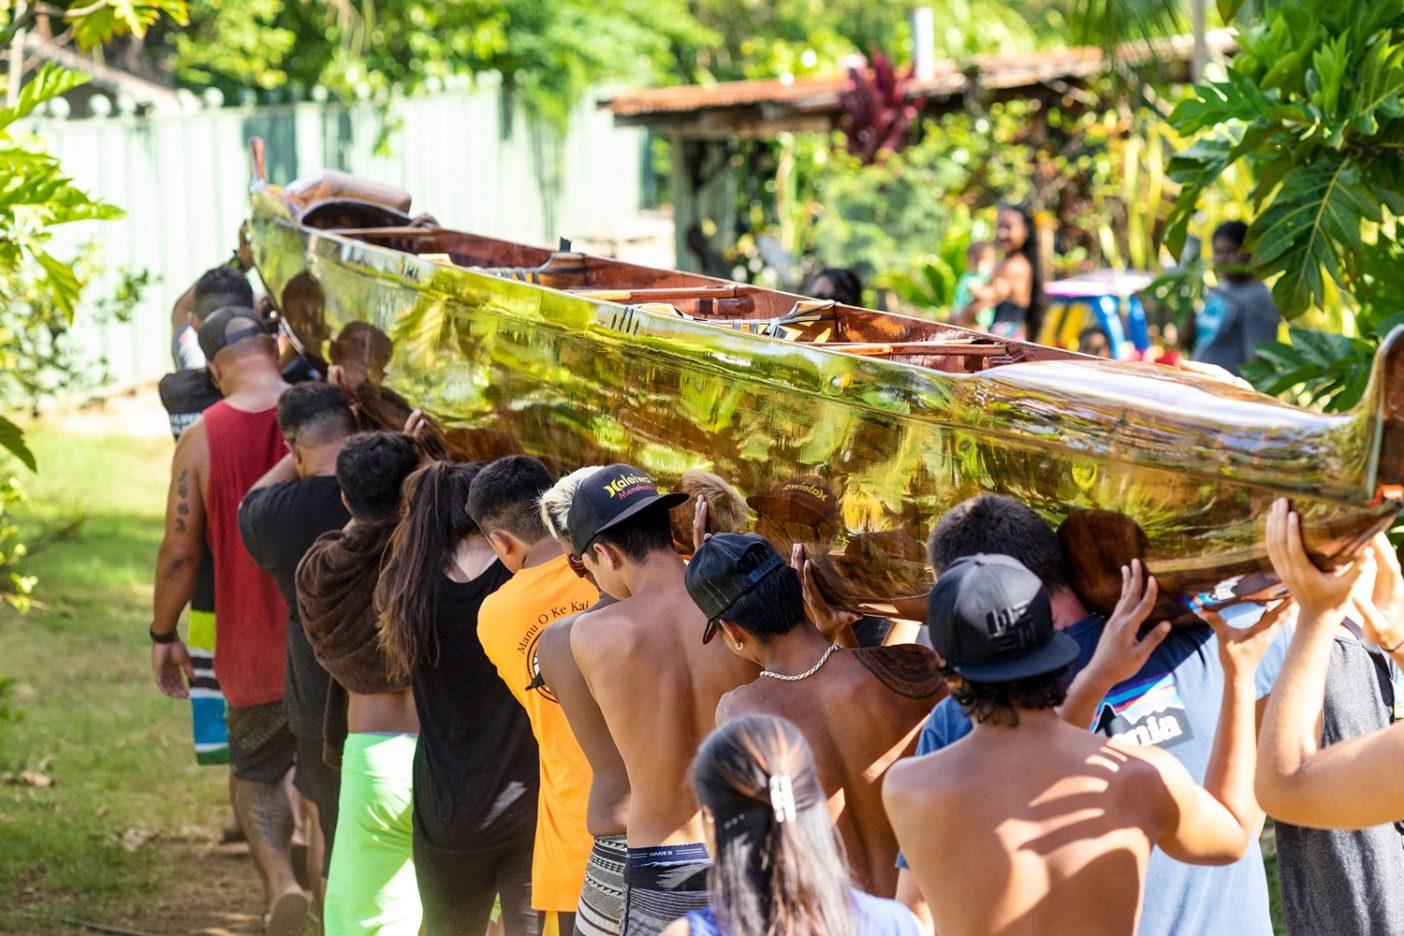 仕事が終わってすっかりピカピカになったウイを肩に担いで、オアフのアウトリガー選手権へと連れていく〈マヌ・オ・ケ・カイ・カヌークラブ〉のメンバーたち。ハワイ州ハレイワ Photo: John Bilderback